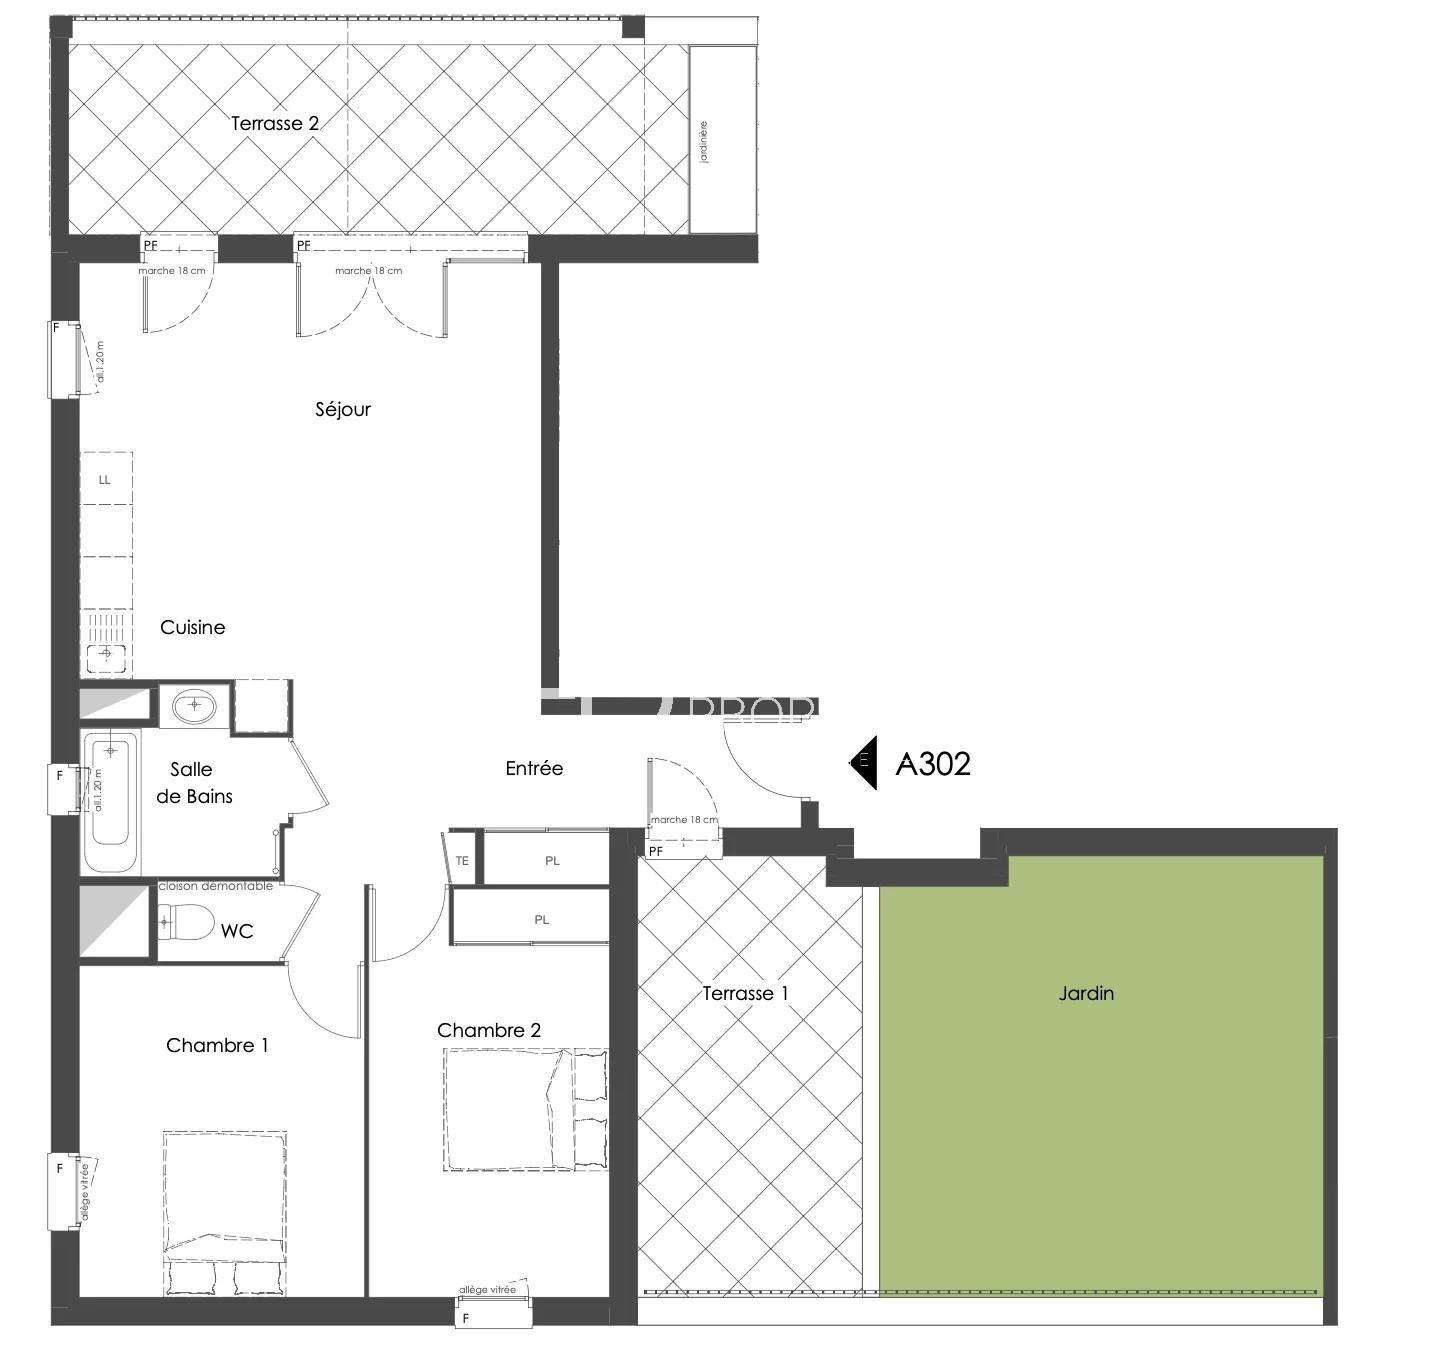 Vente de appartement d'une surface de 68.5 m2